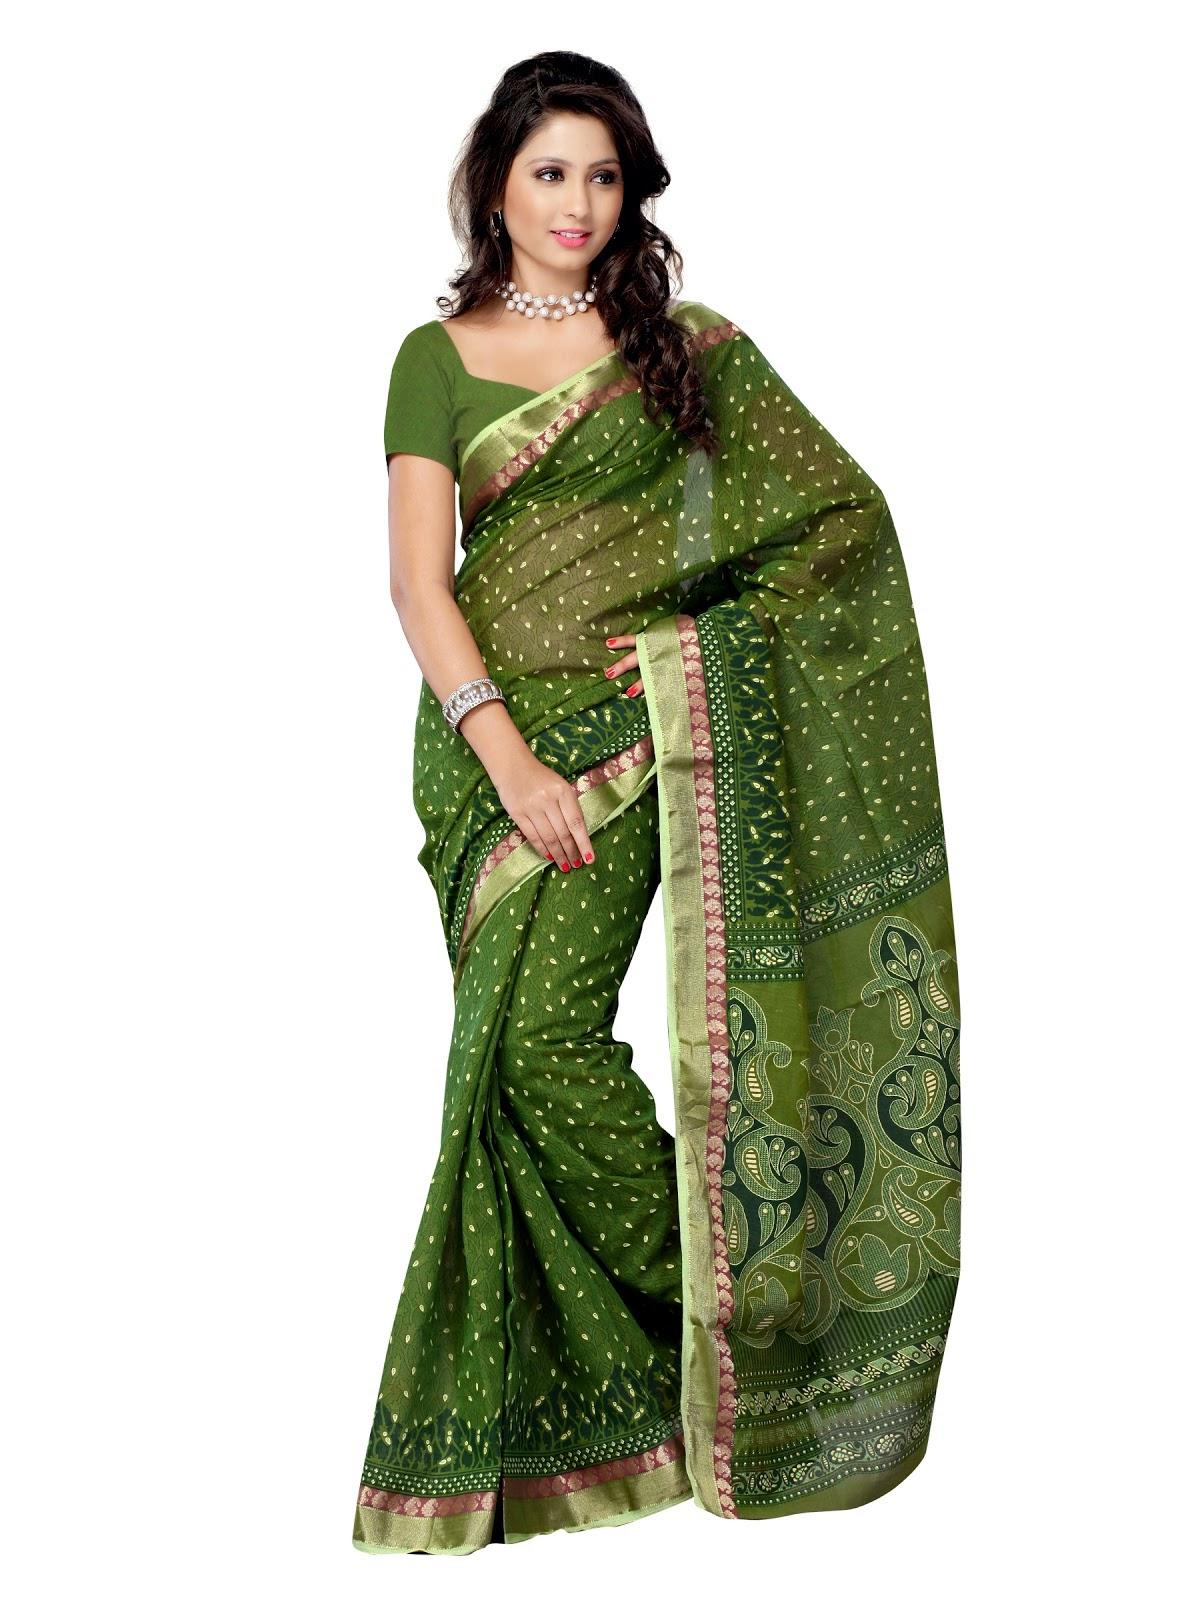 350a2cc9f3 Bollywood Actress Saree Collections